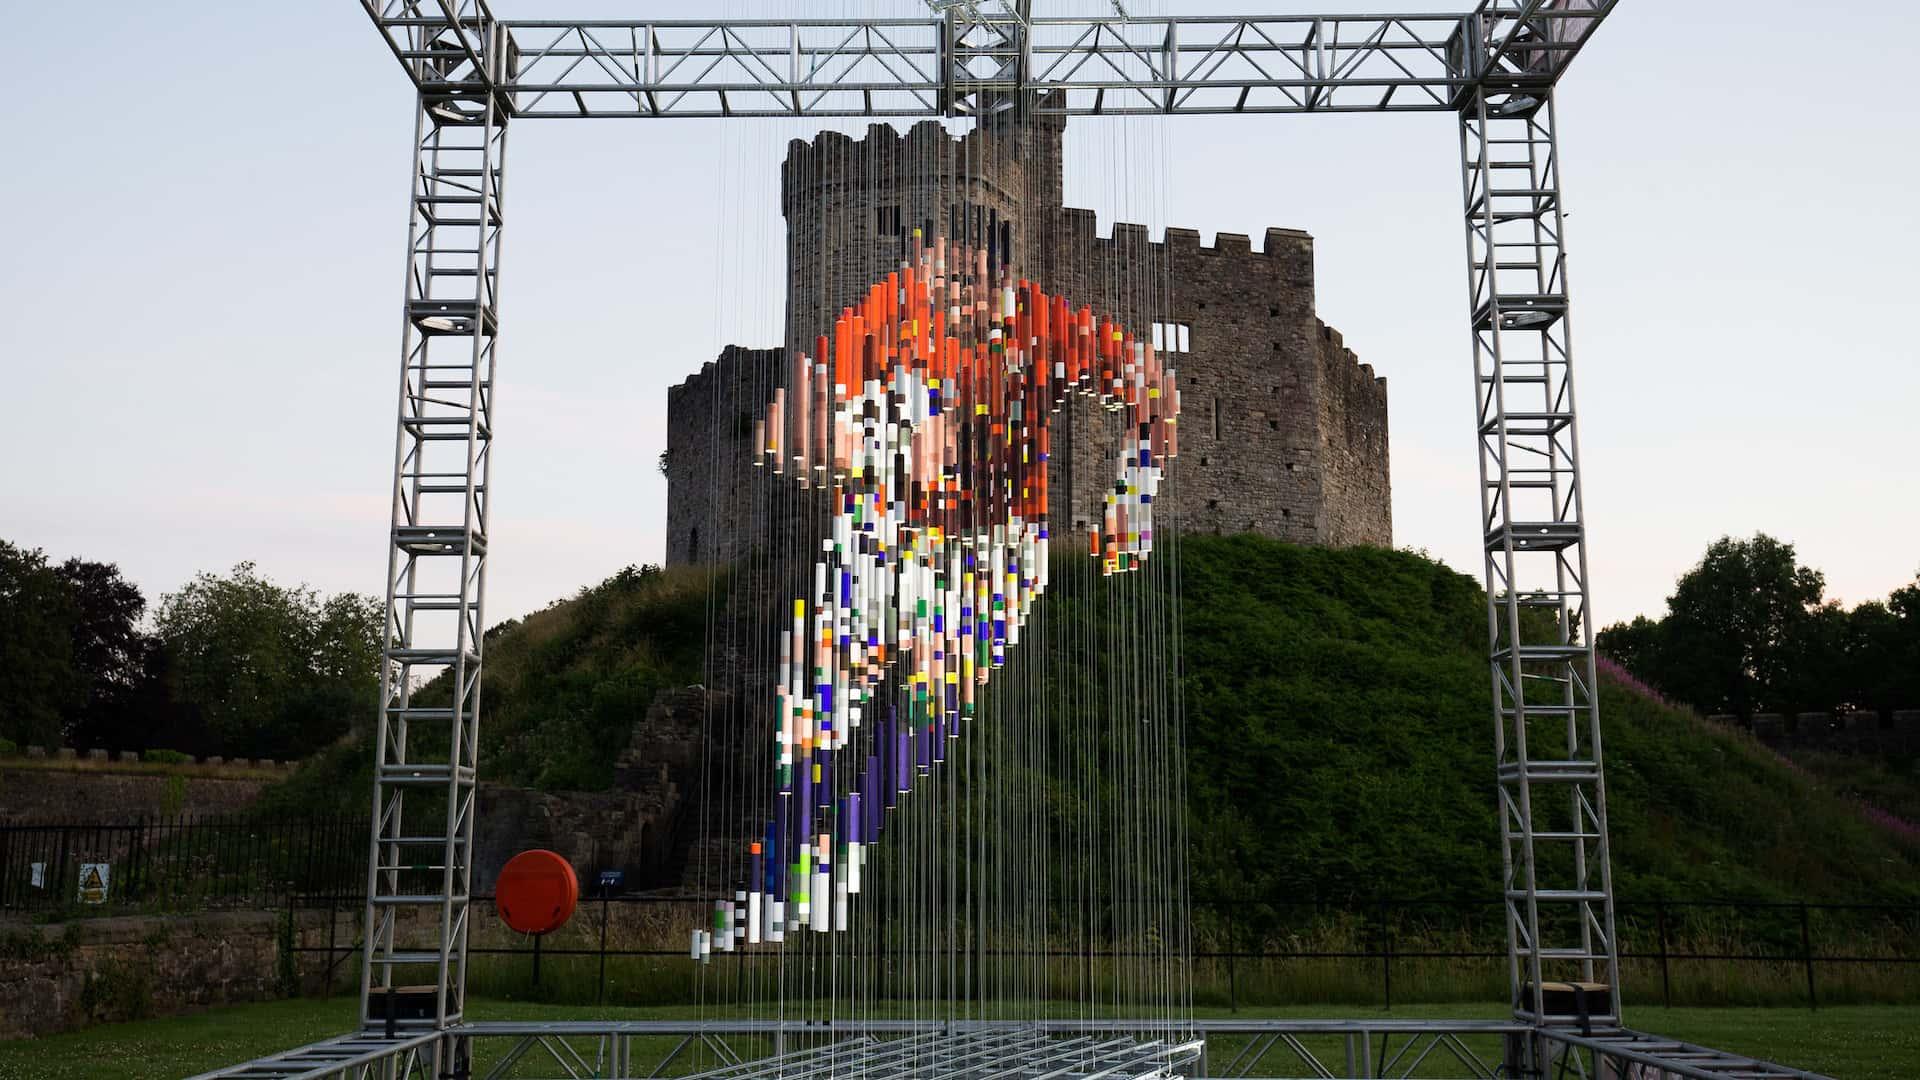 Lions Art Exhibit at Cardiff Castle